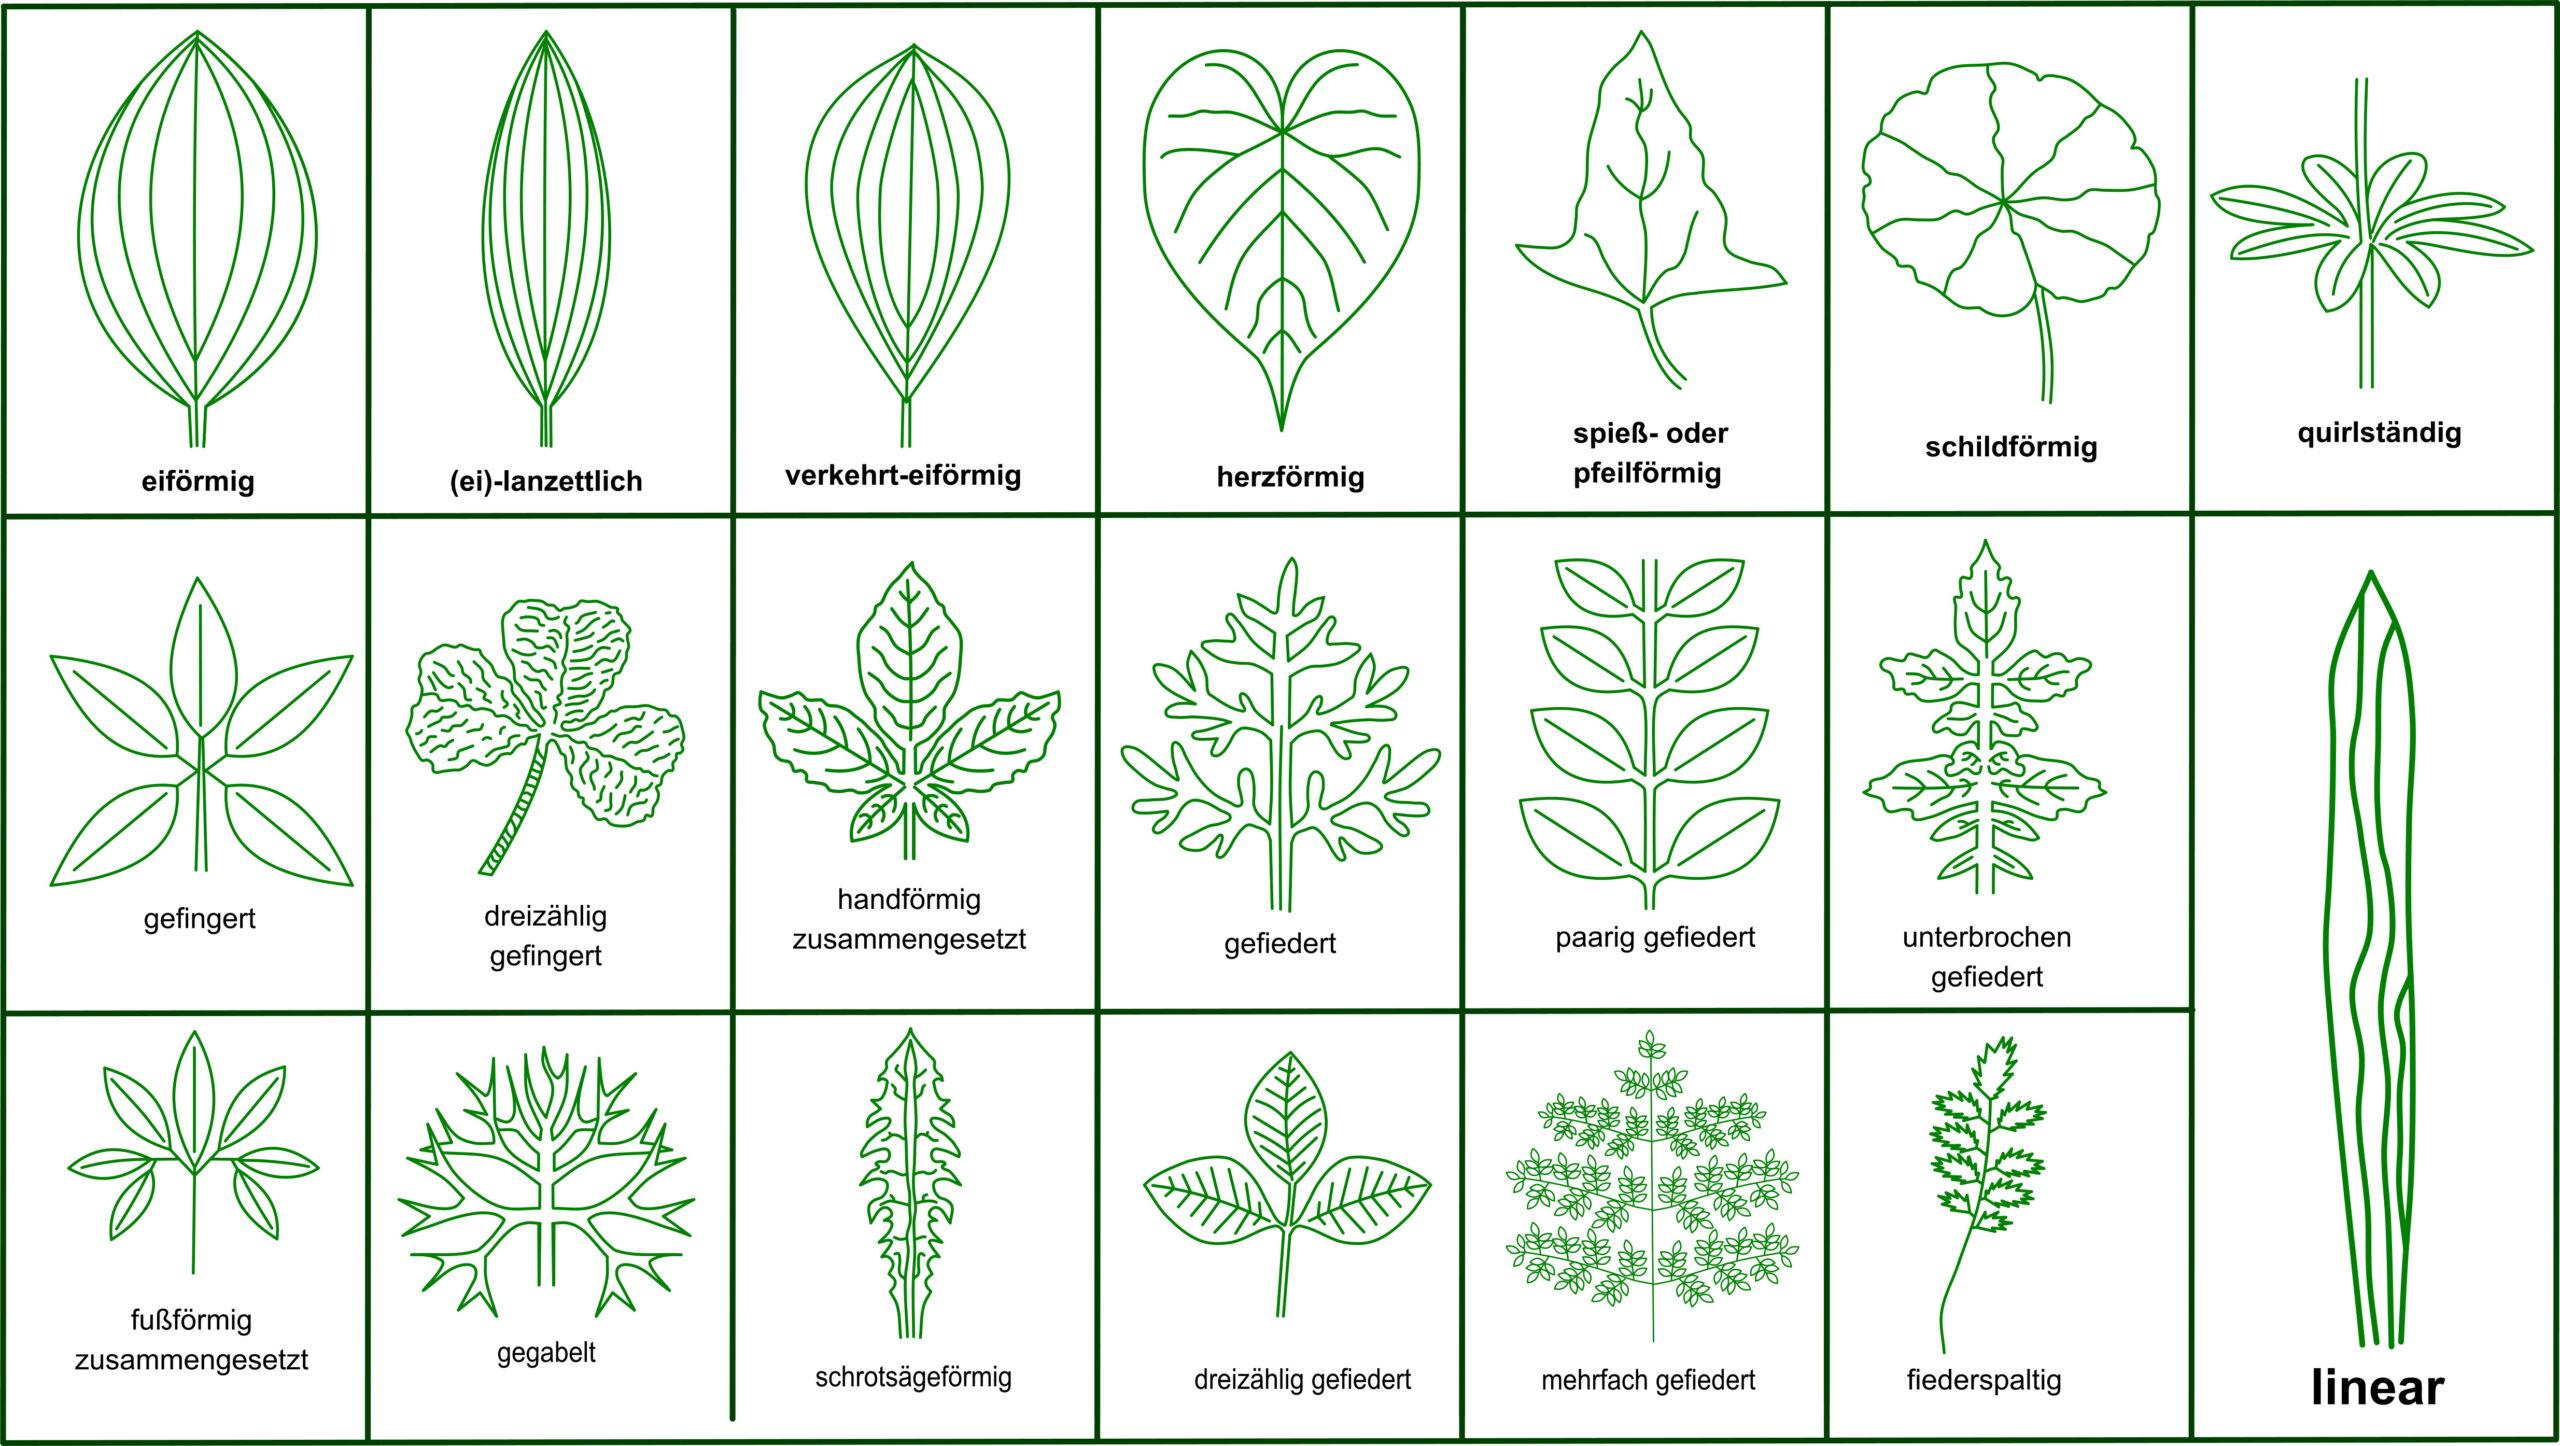 Fachbegriffe der Pflanzenbestimmung - Blattformen Pflanzen